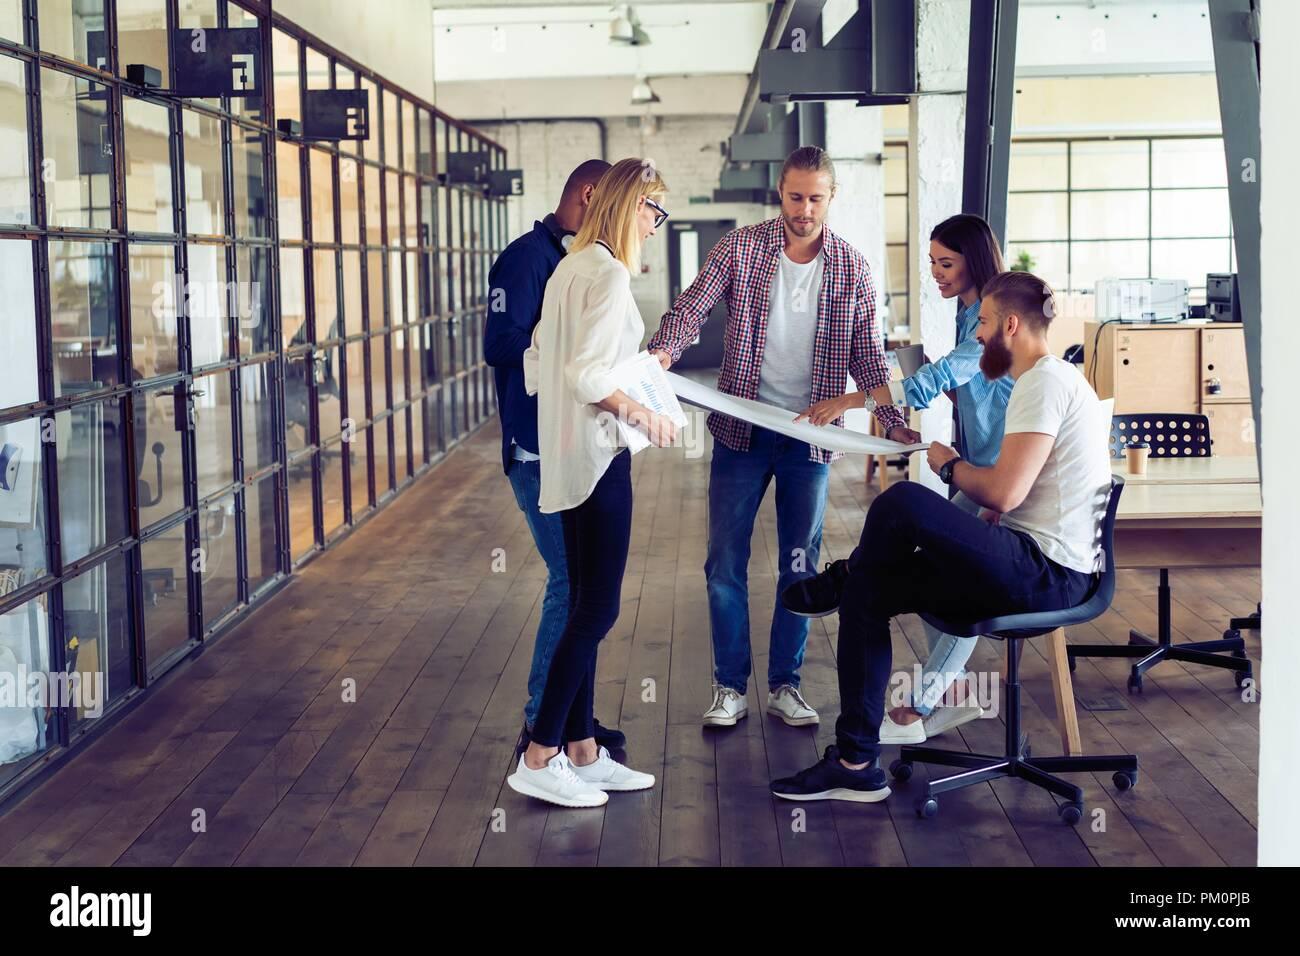 Un lavoro di squadra. Per tutta la lunghezza della giovane gente moderna in smart casual pianificazione della strategia di business mentre la giovane donna puntando al grande carta in ufficio corridoio. Immagini Stock